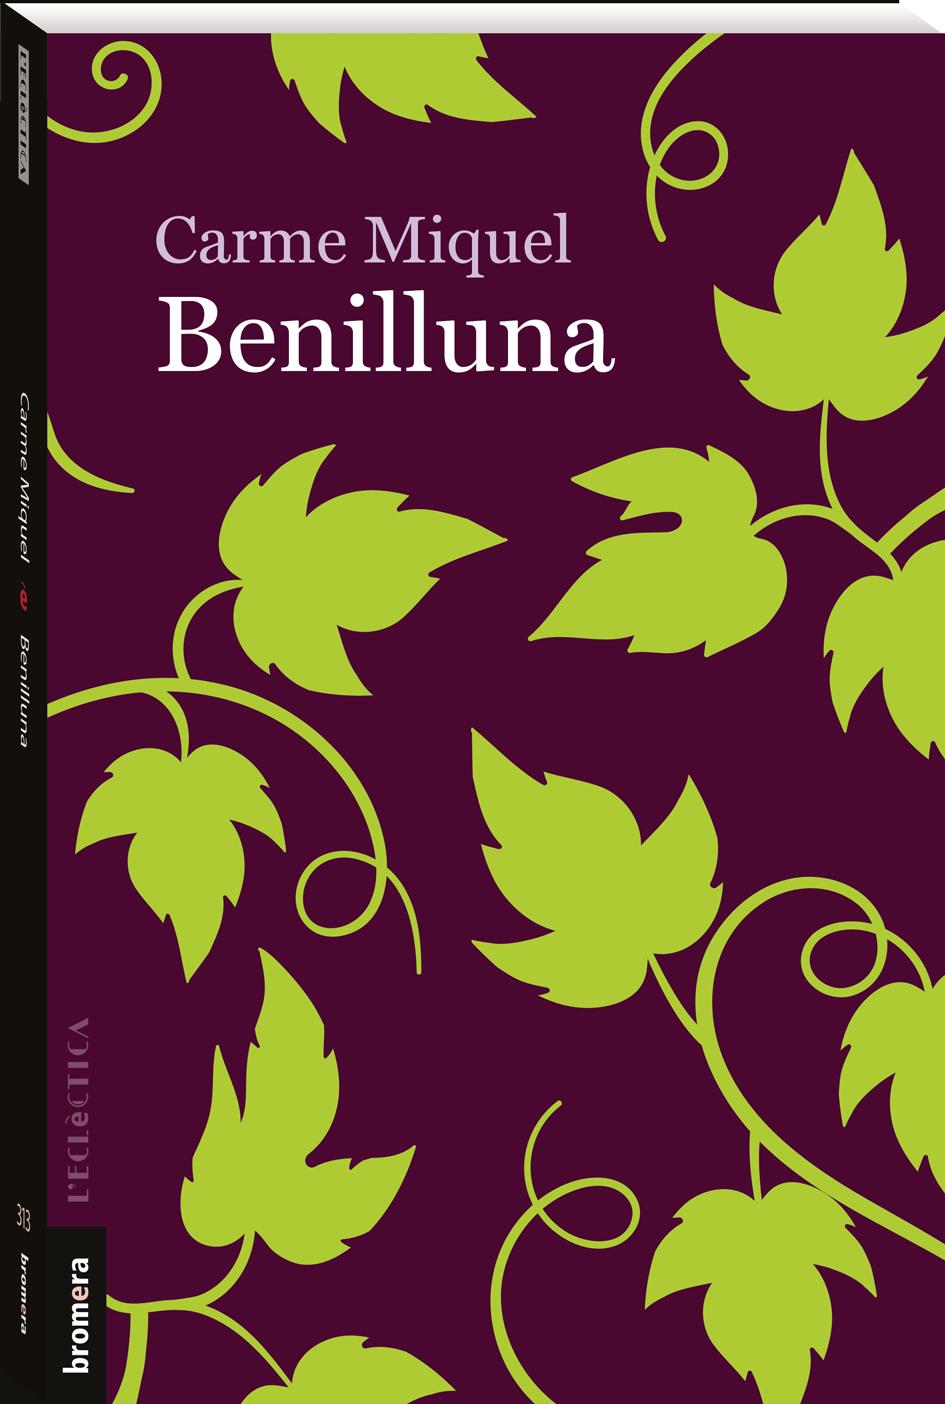 313_Benilluna_3.png